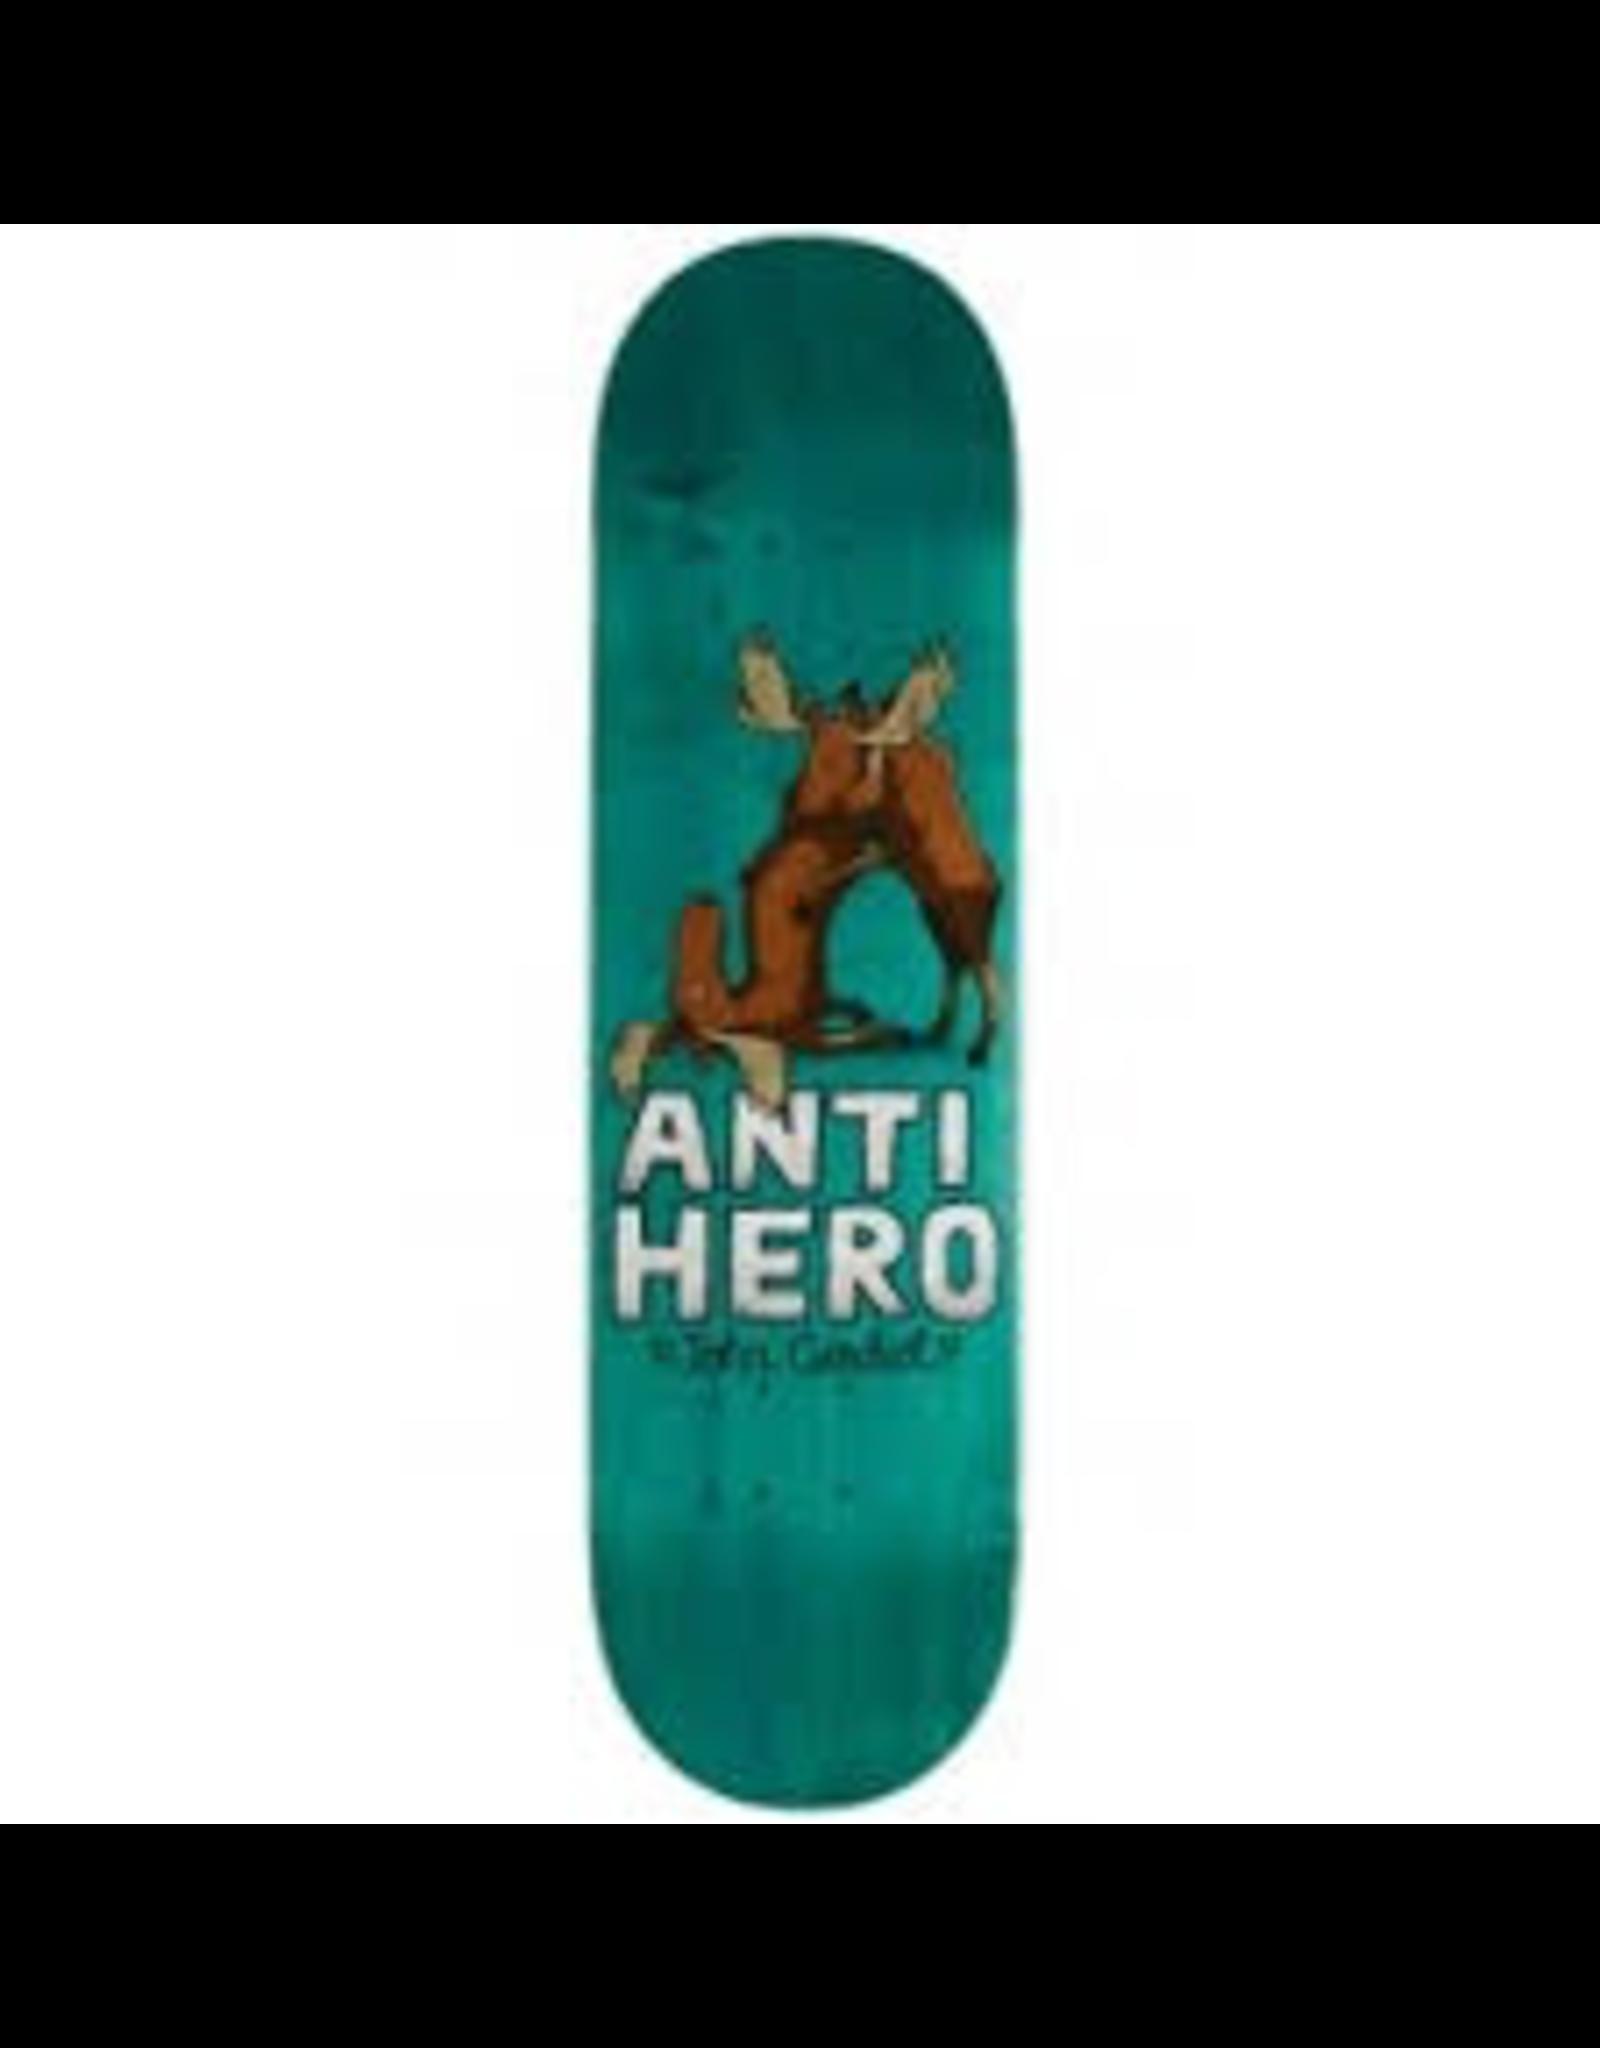 ANTI HERO ANTI HERO CARDIEL LOVERS II DECK-8.25